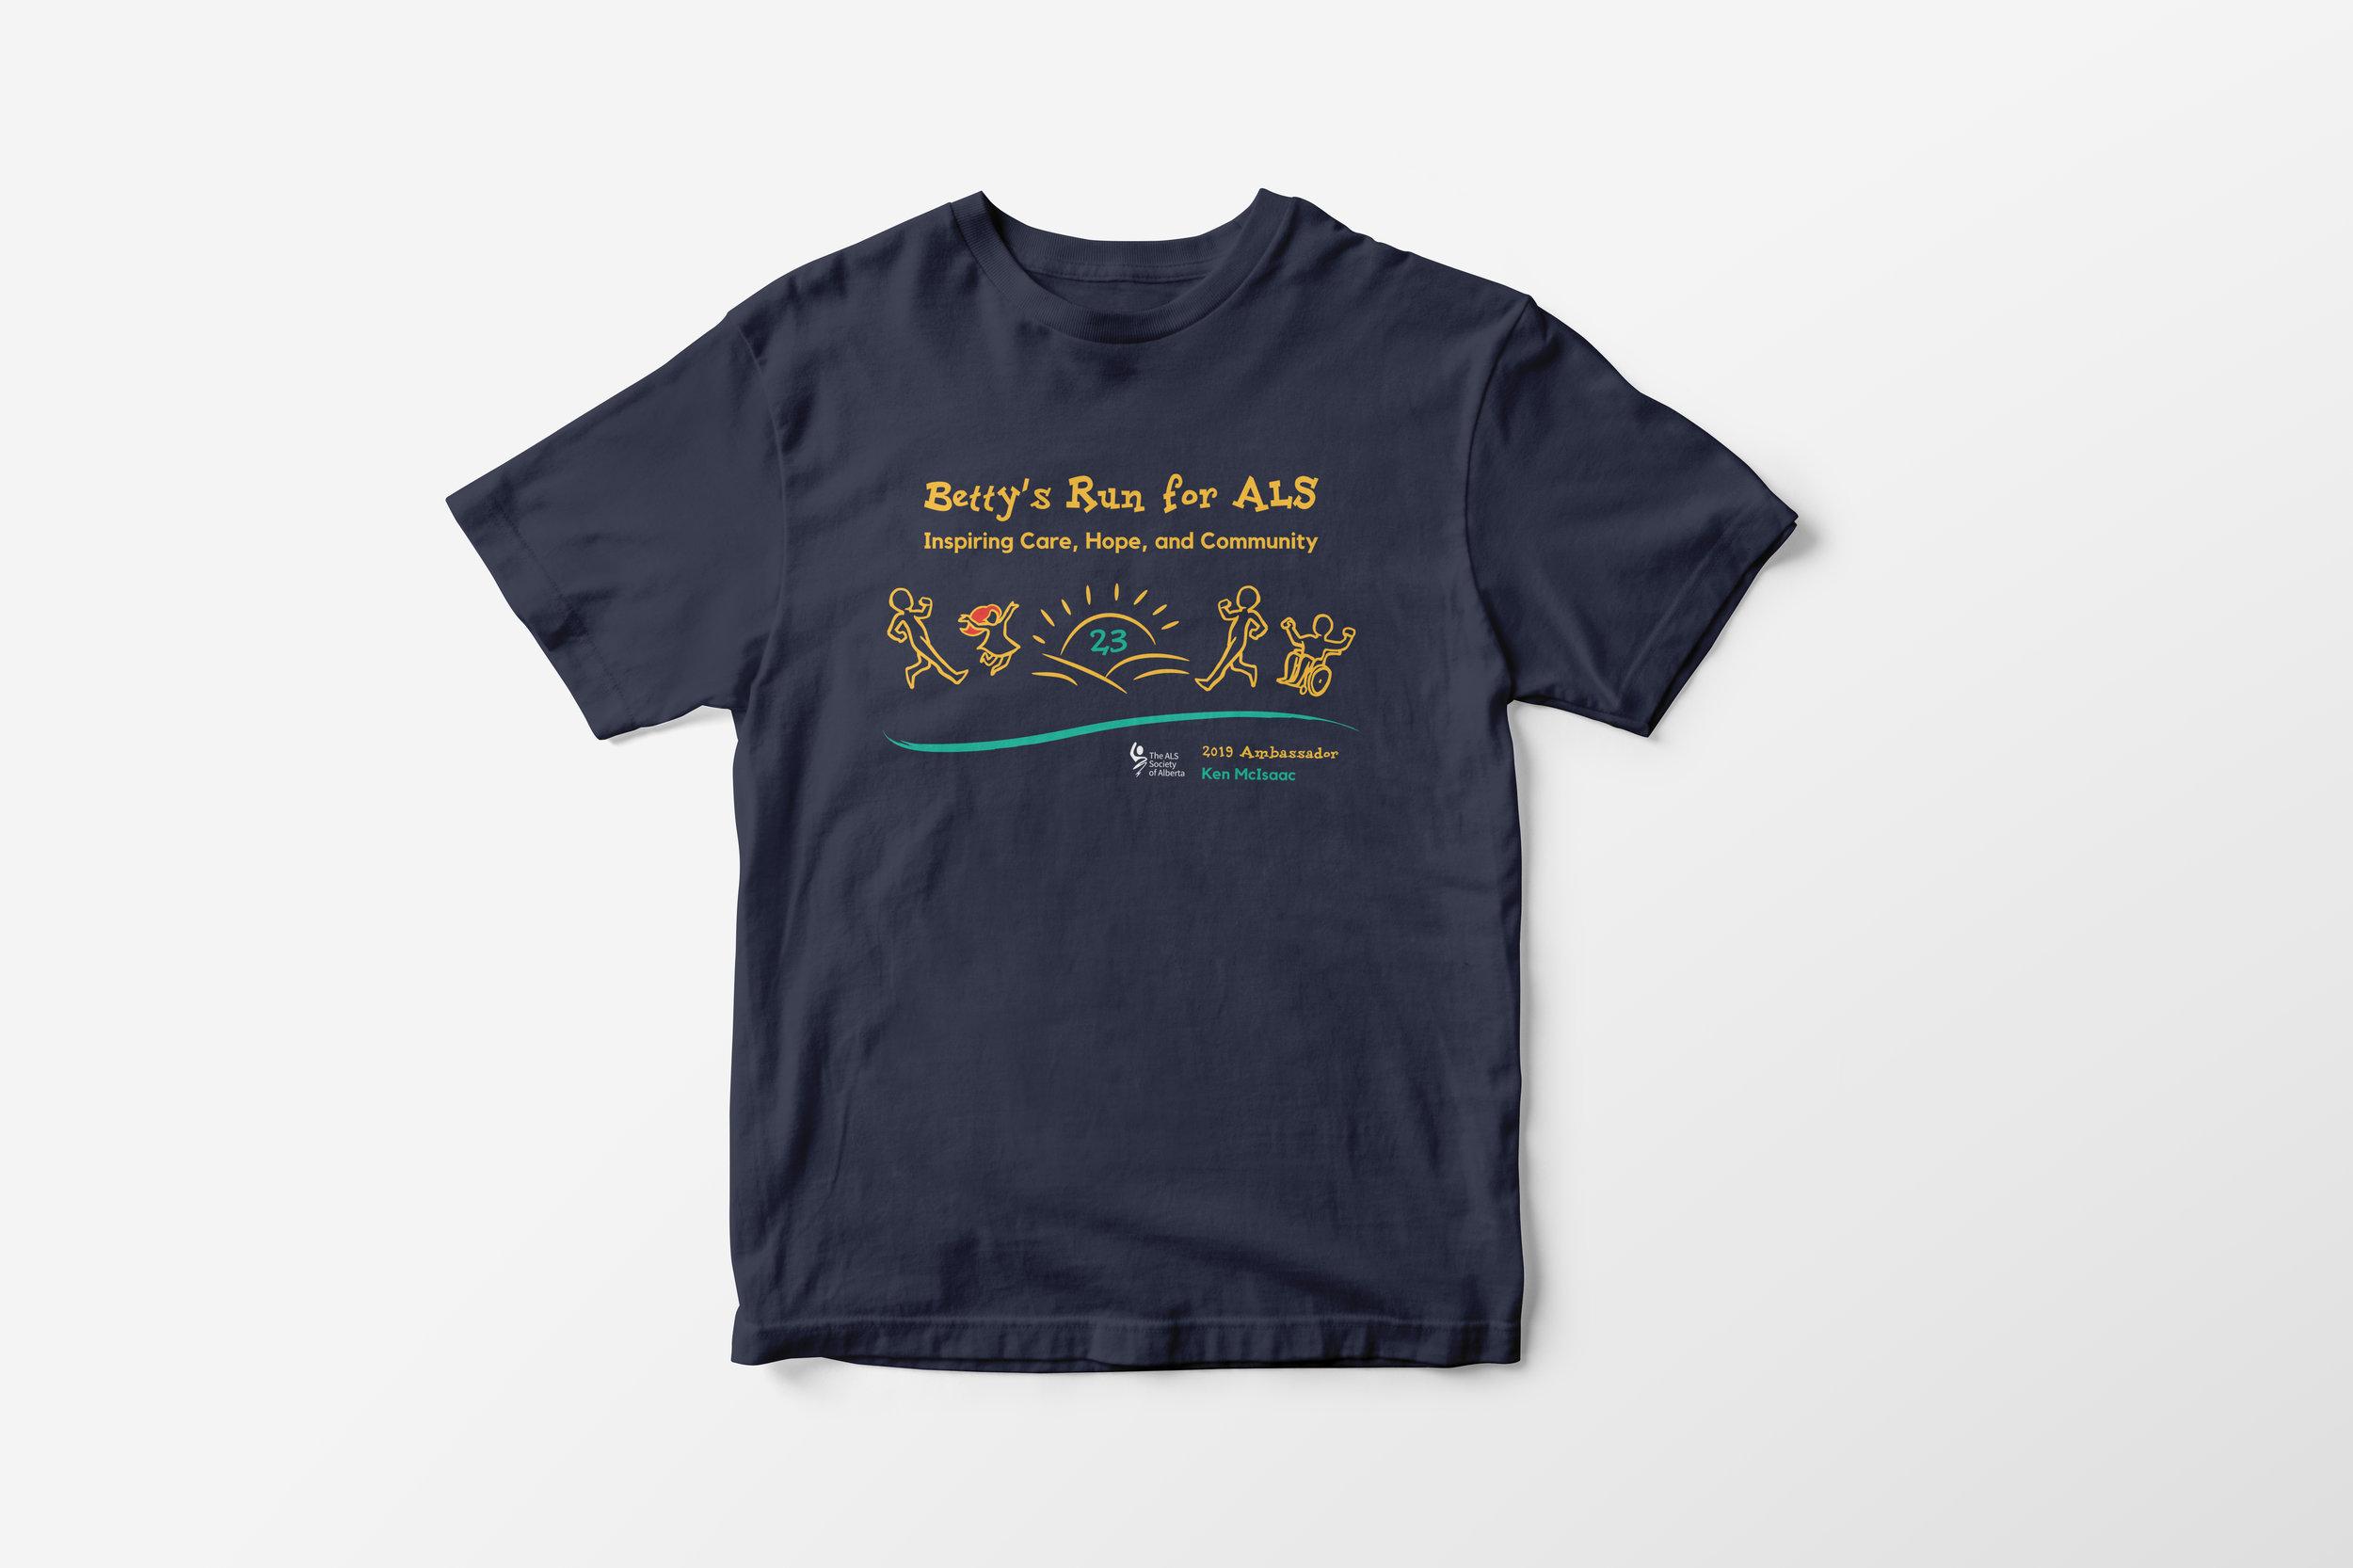 als-shirt-1.jpg